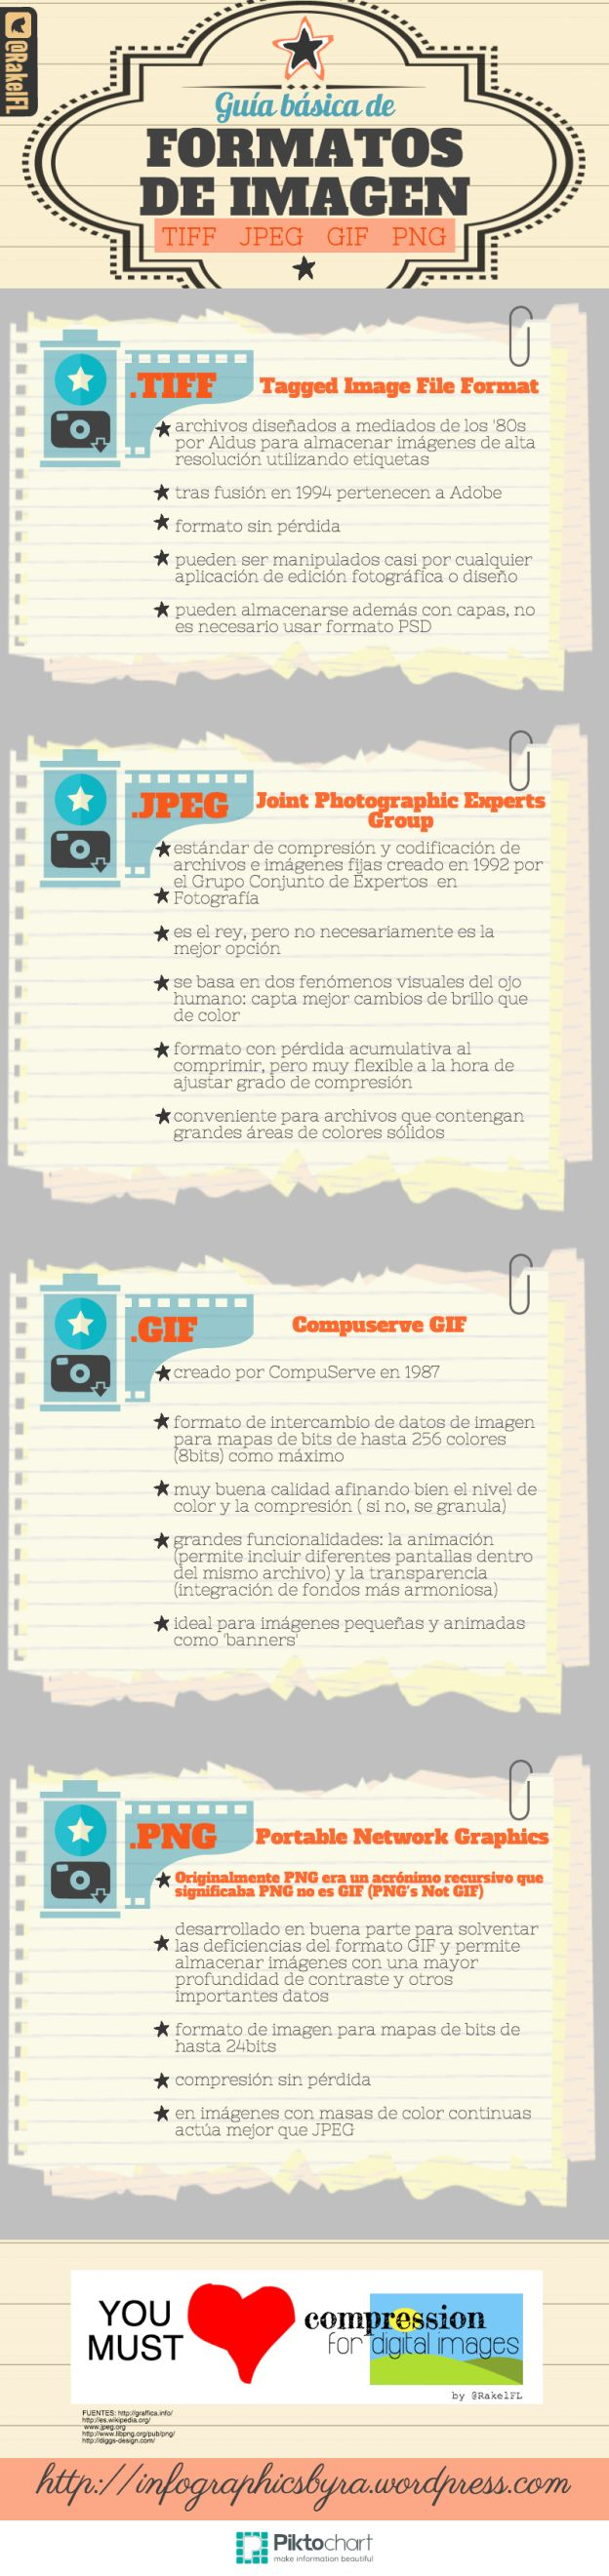 ¡Mira! ¡Mira! ---> Guía básica de los formatos de imagen